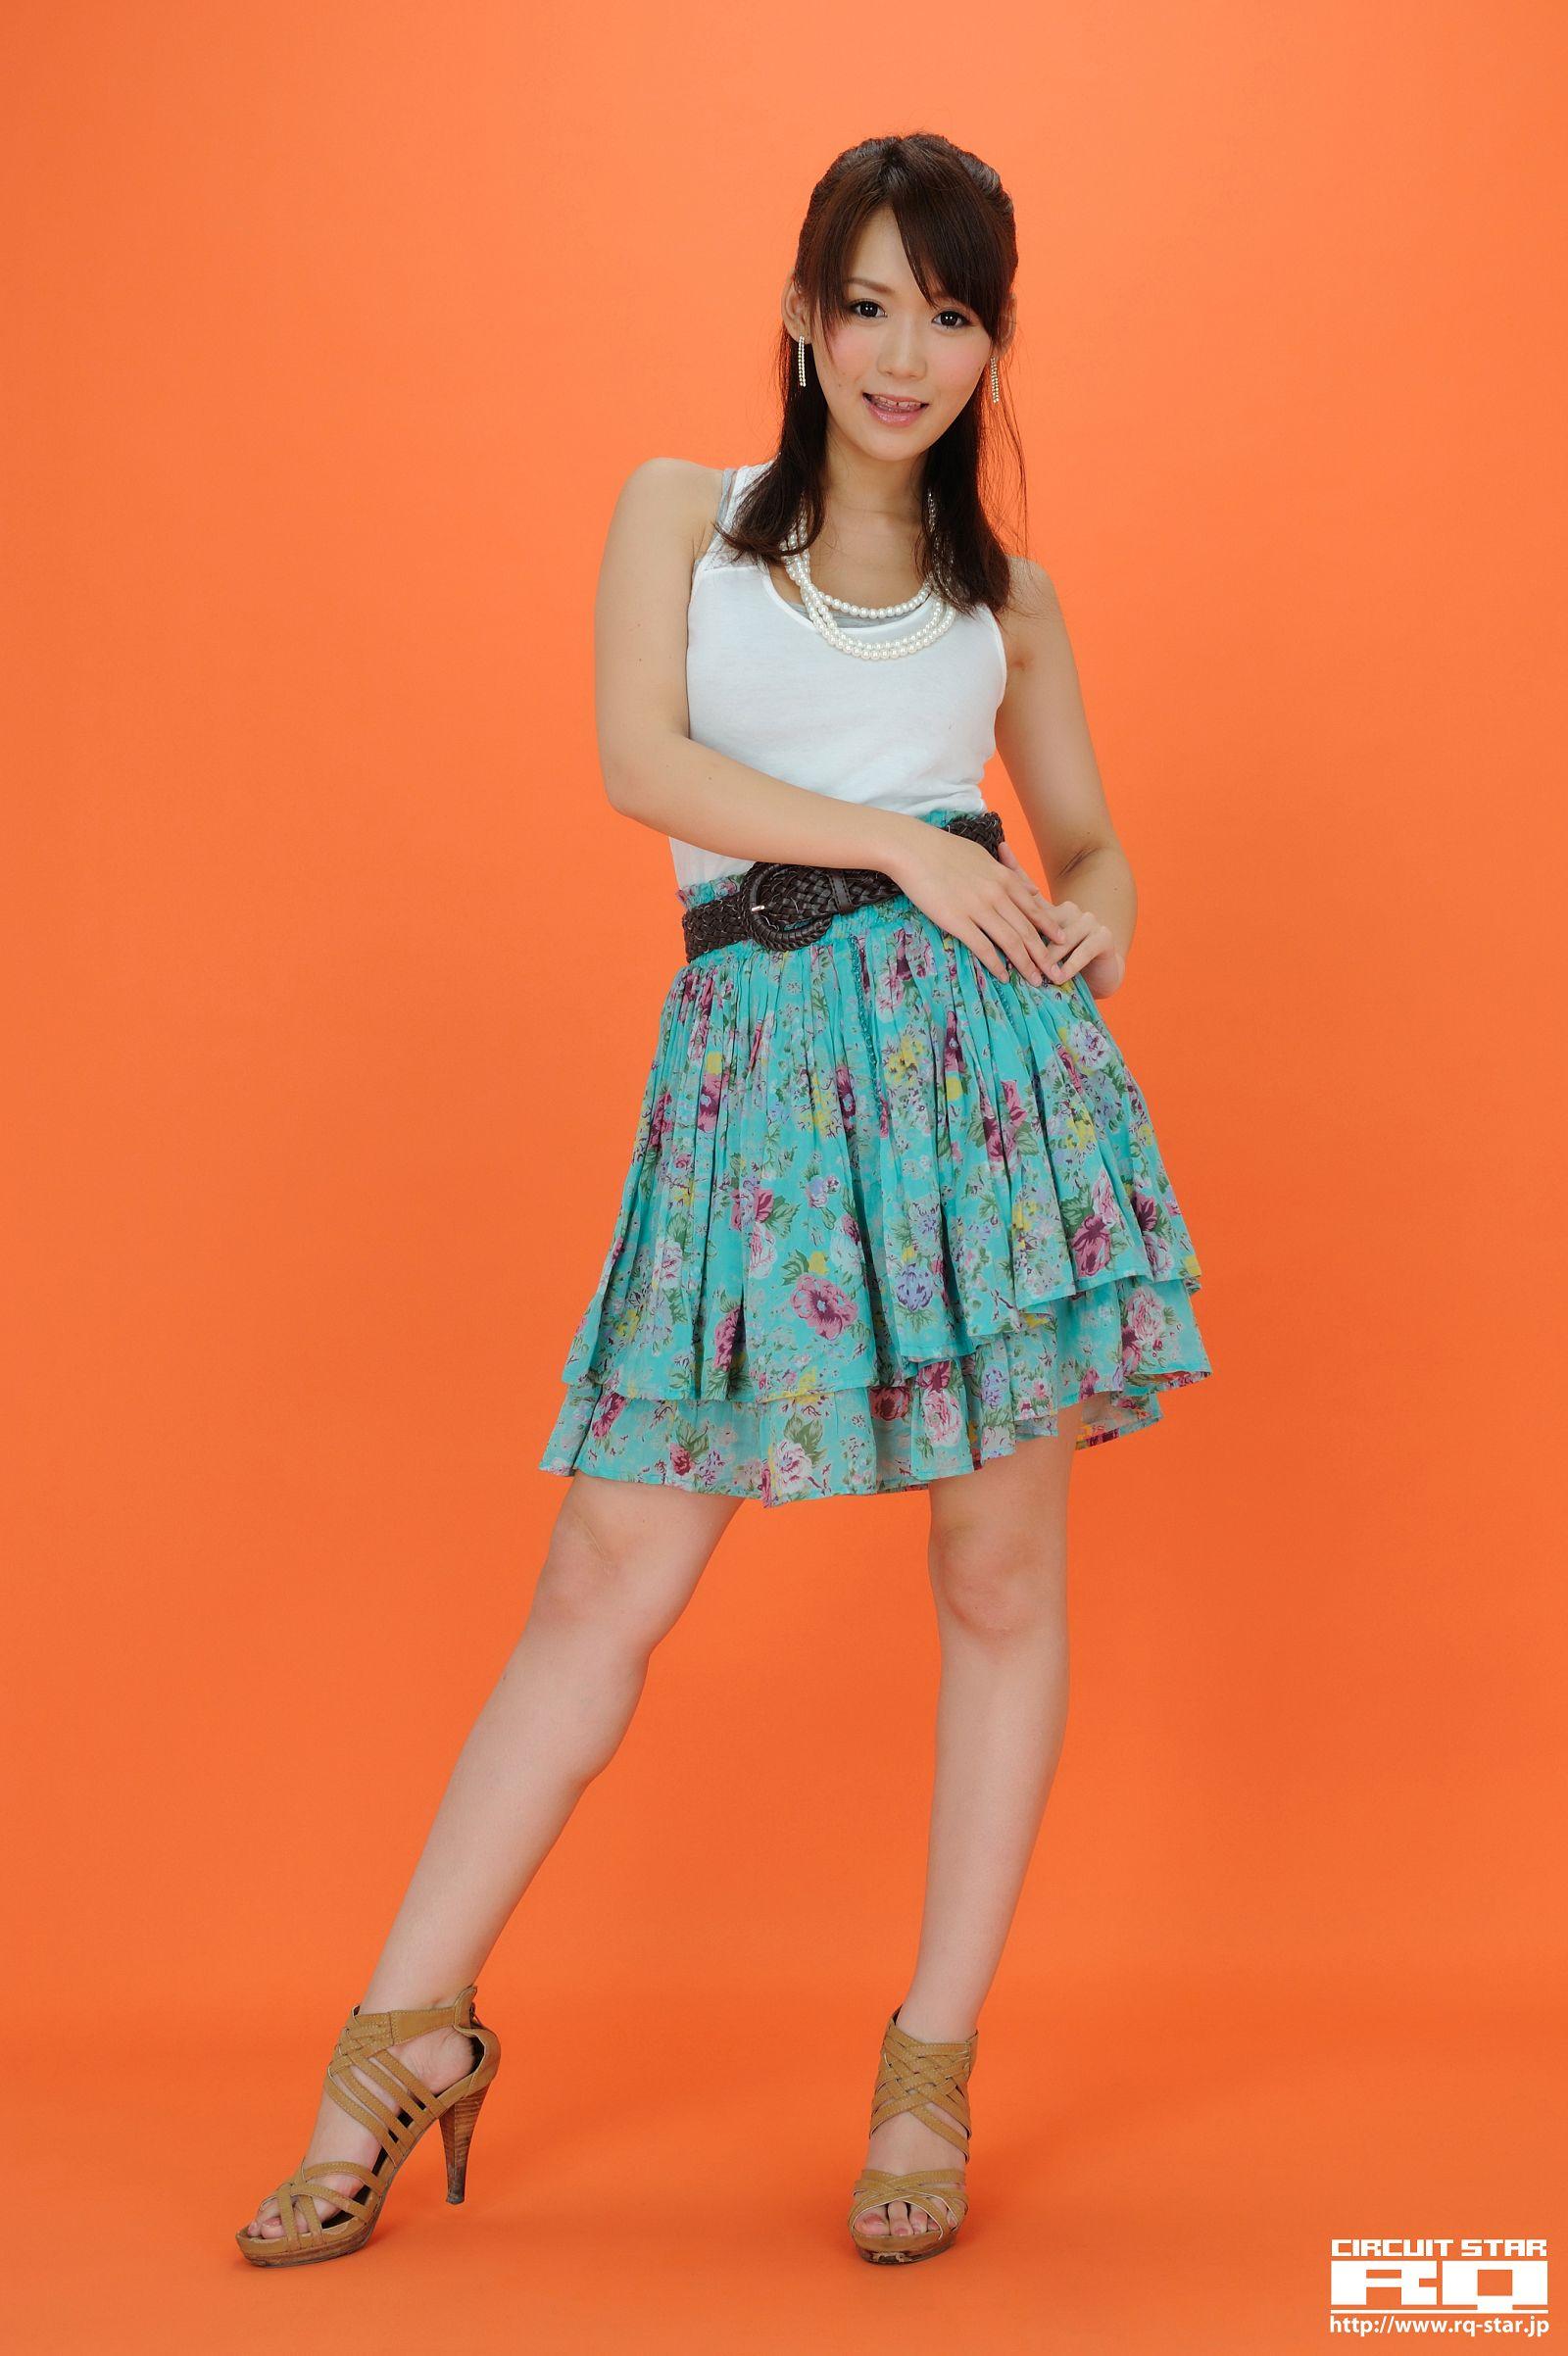 [RQ STAR美女] NO.00534 Yumi 優実 – Private Dress[60P] RQ STAR 第3张